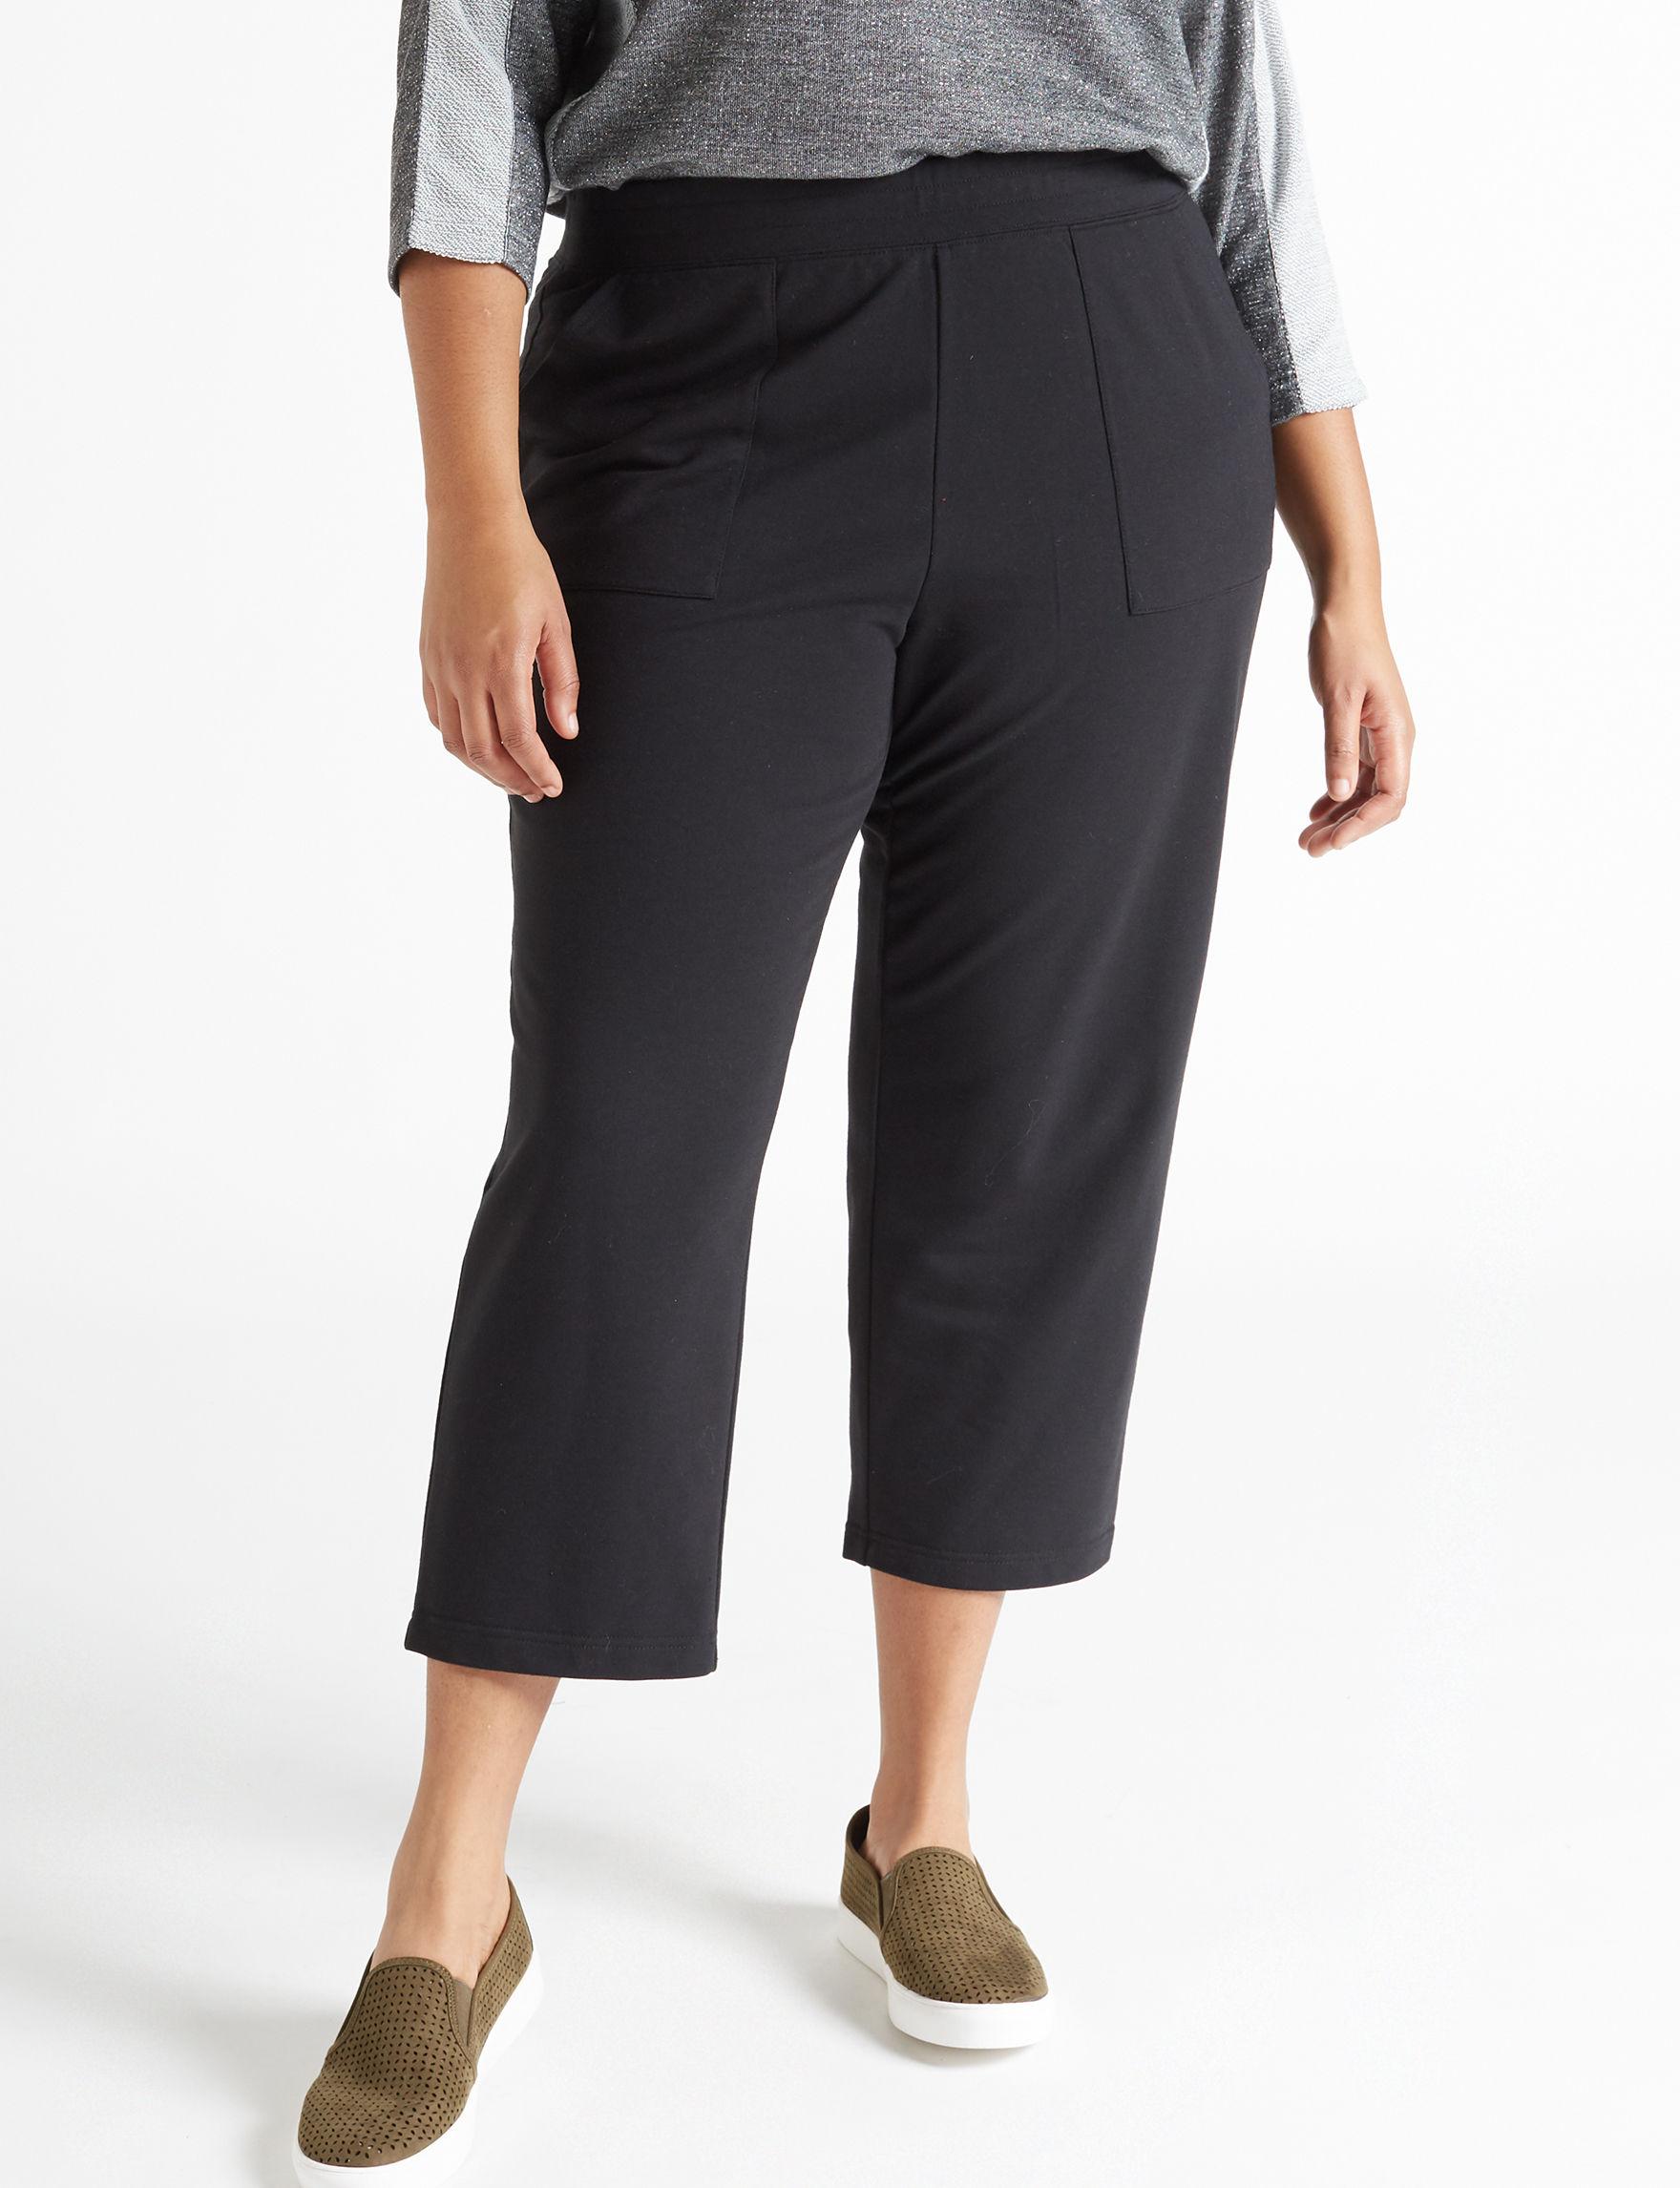 Cathy Daniels Black Soft Pants